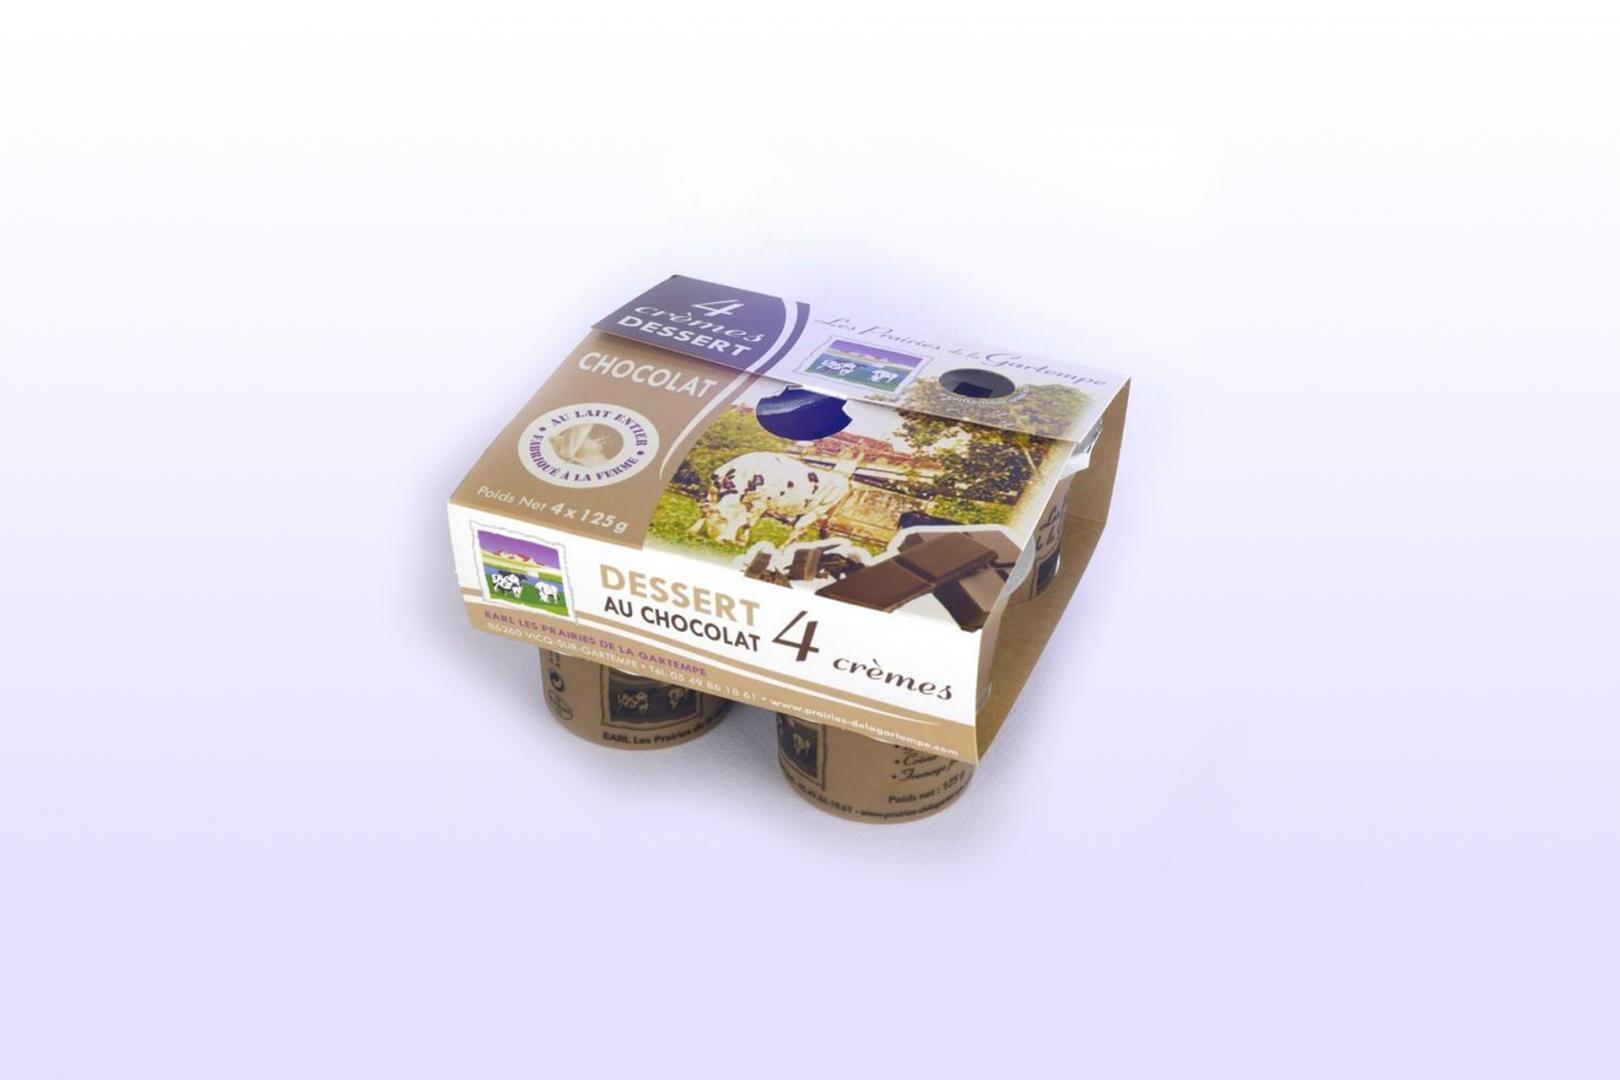 produits laitiers frais - vente de yaourts 86